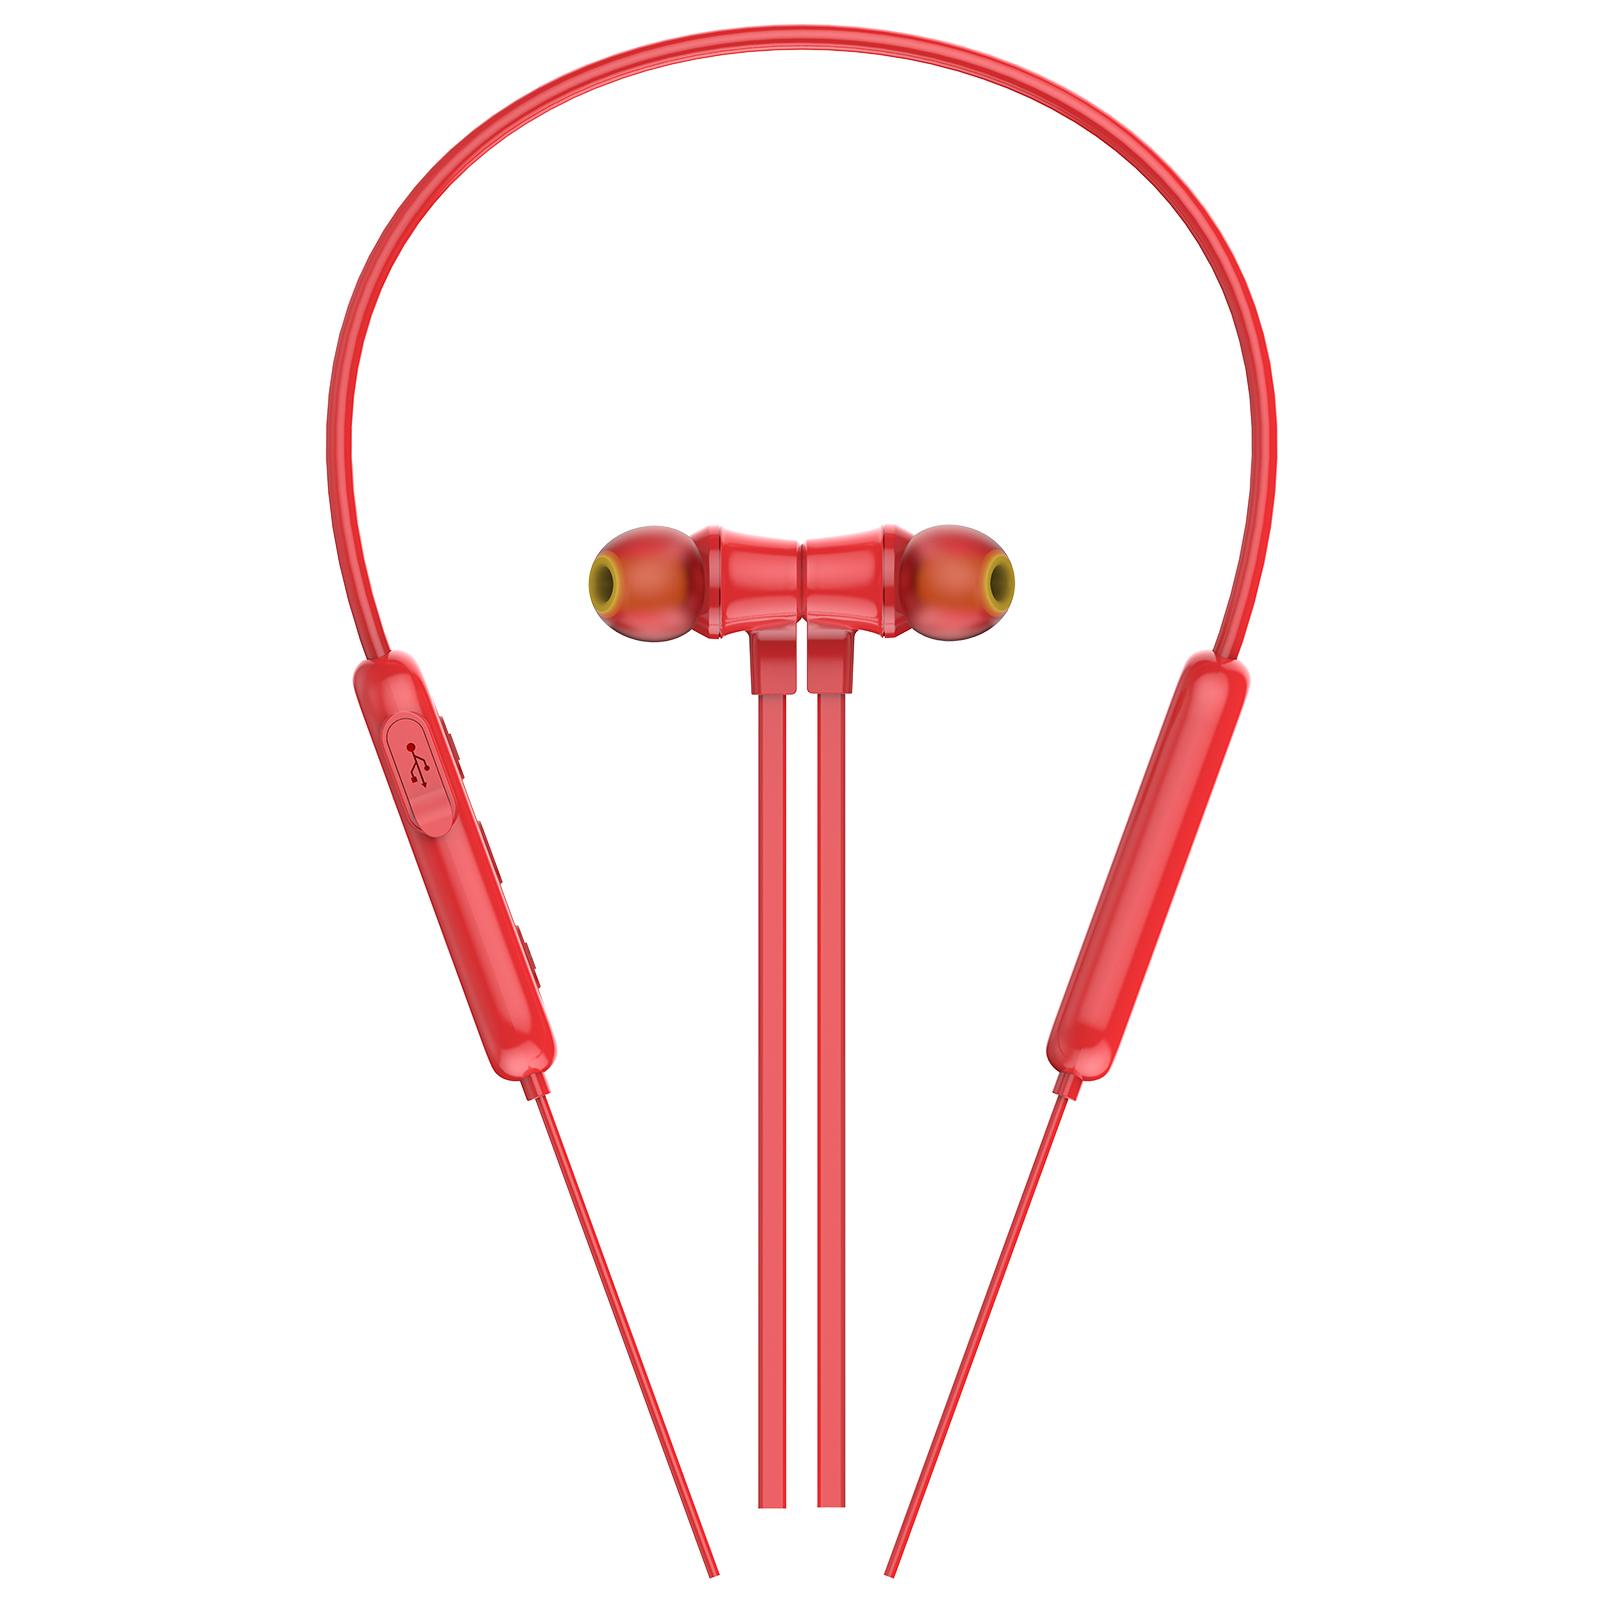 INFINITY GLIDE N100 - Red - In-Ear Ultra Light Neckband - Detailshot 1